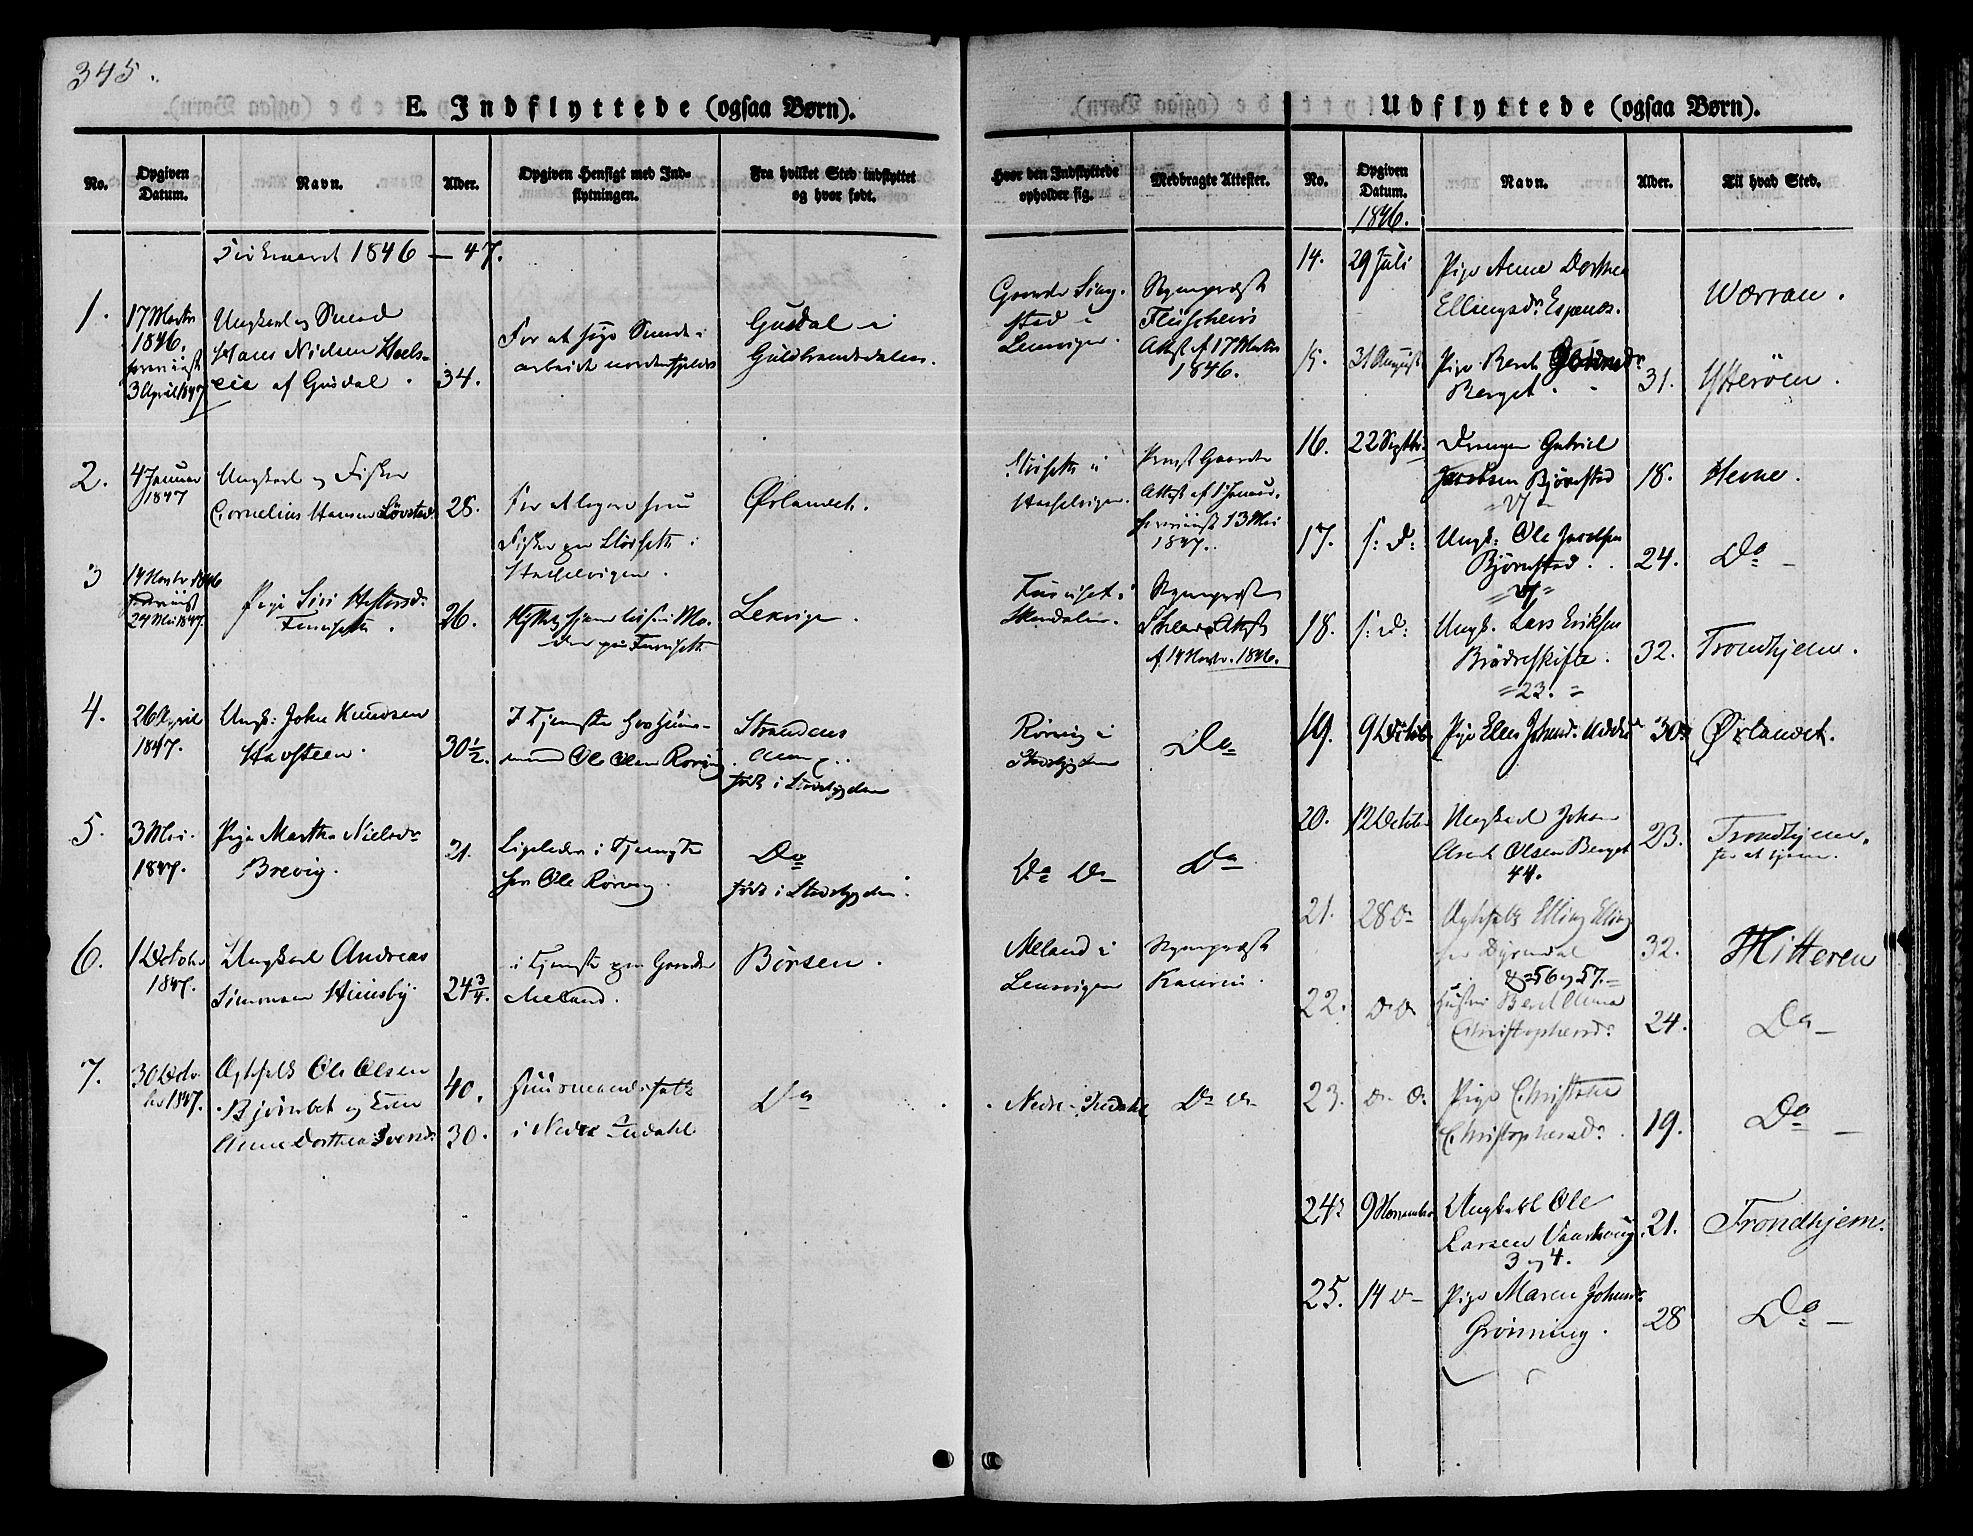 SAT, Ministerialprotokoller, klokkerbøker og fødselsregistre - Sør-Trøndelag, 646/L0610: Ministerialbok nr. 646A08, 1837-1847, s. 345